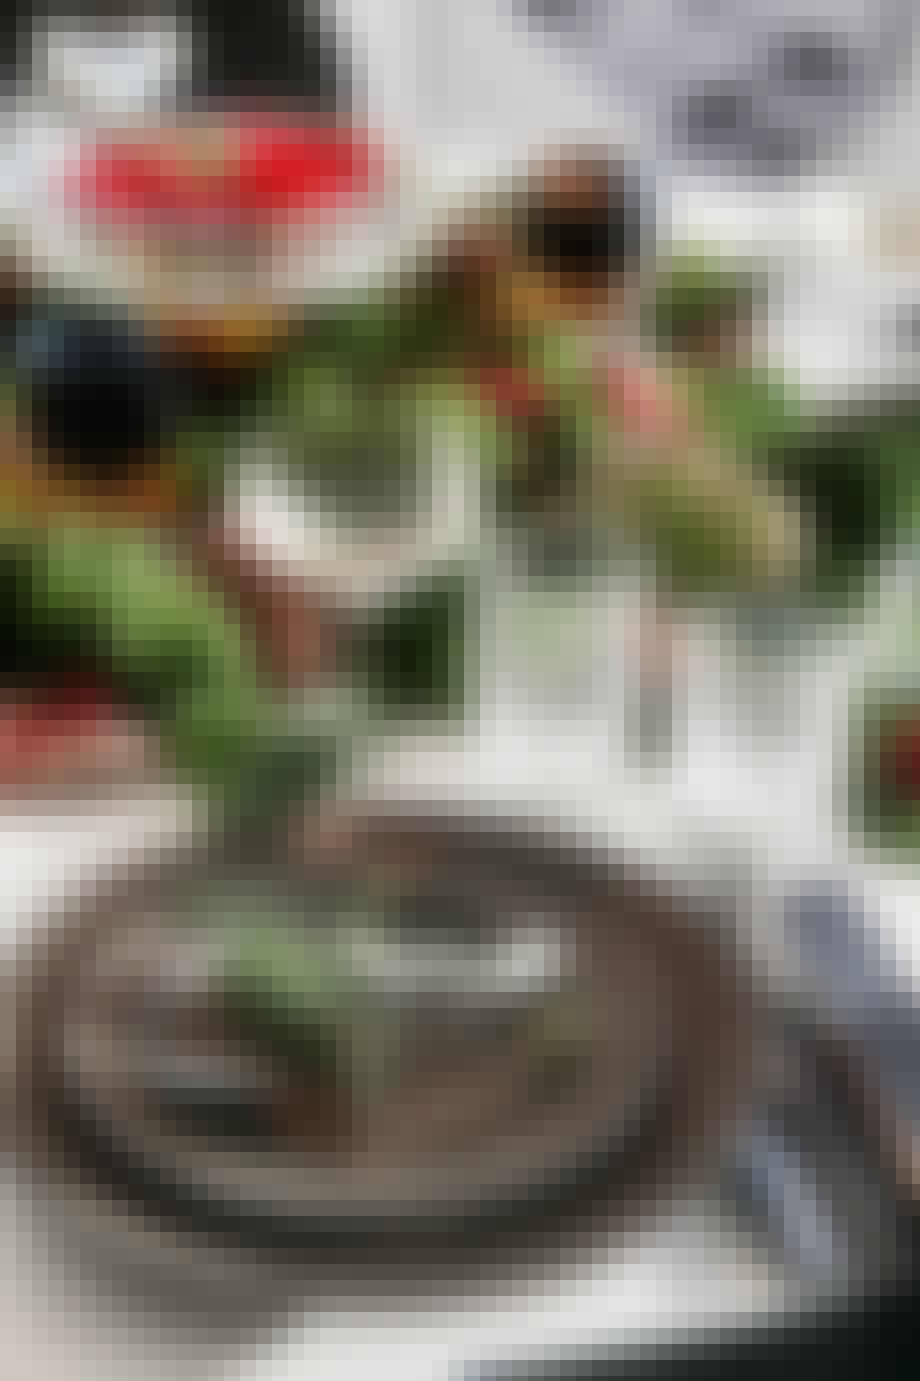 julebord med gran og kogler og tallerkener fra lyngby porcelæn